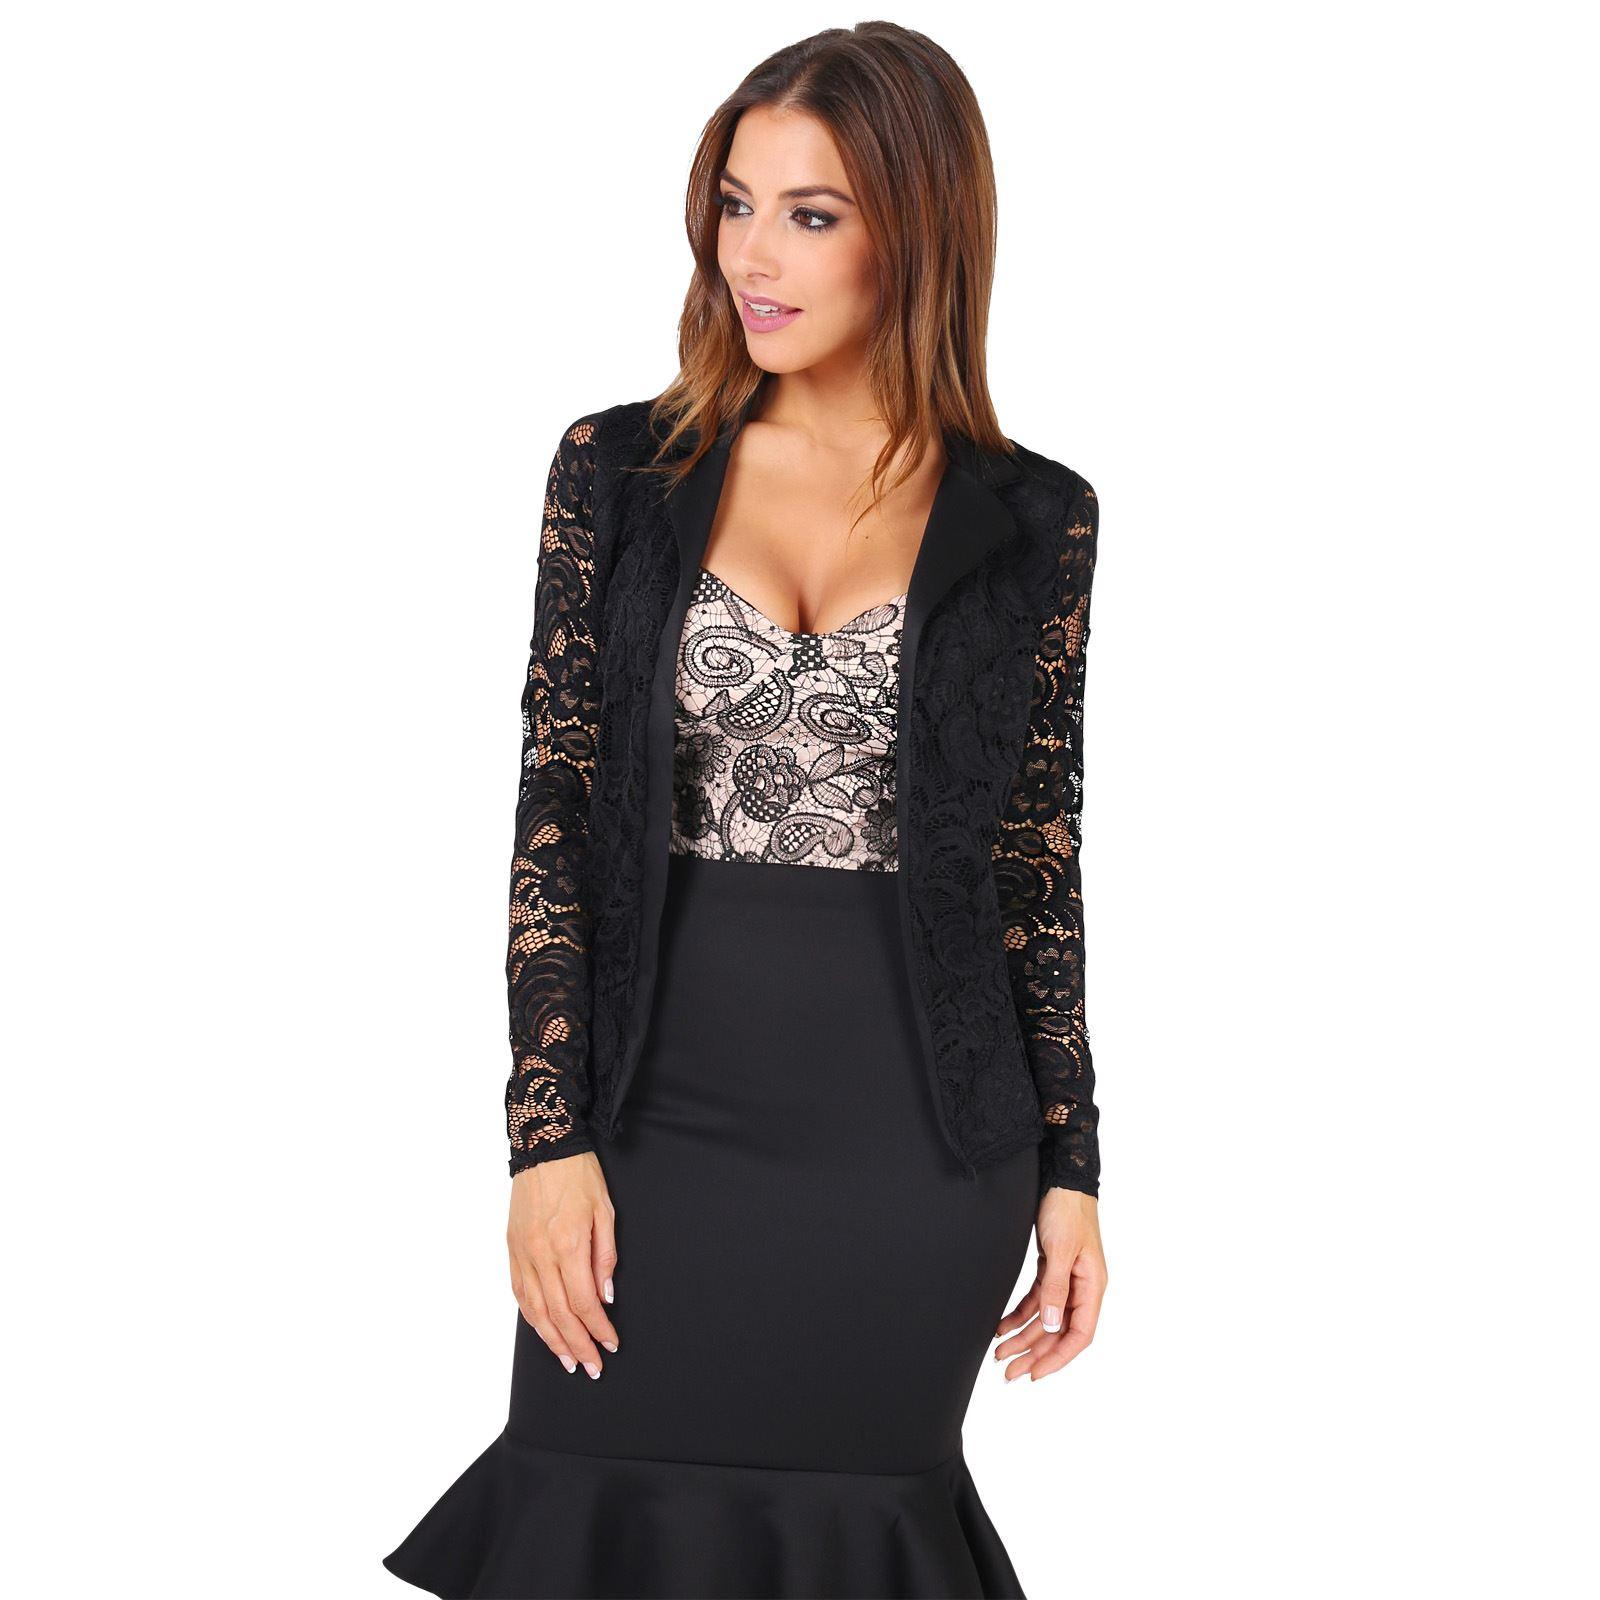 Plus size suit jackets for women